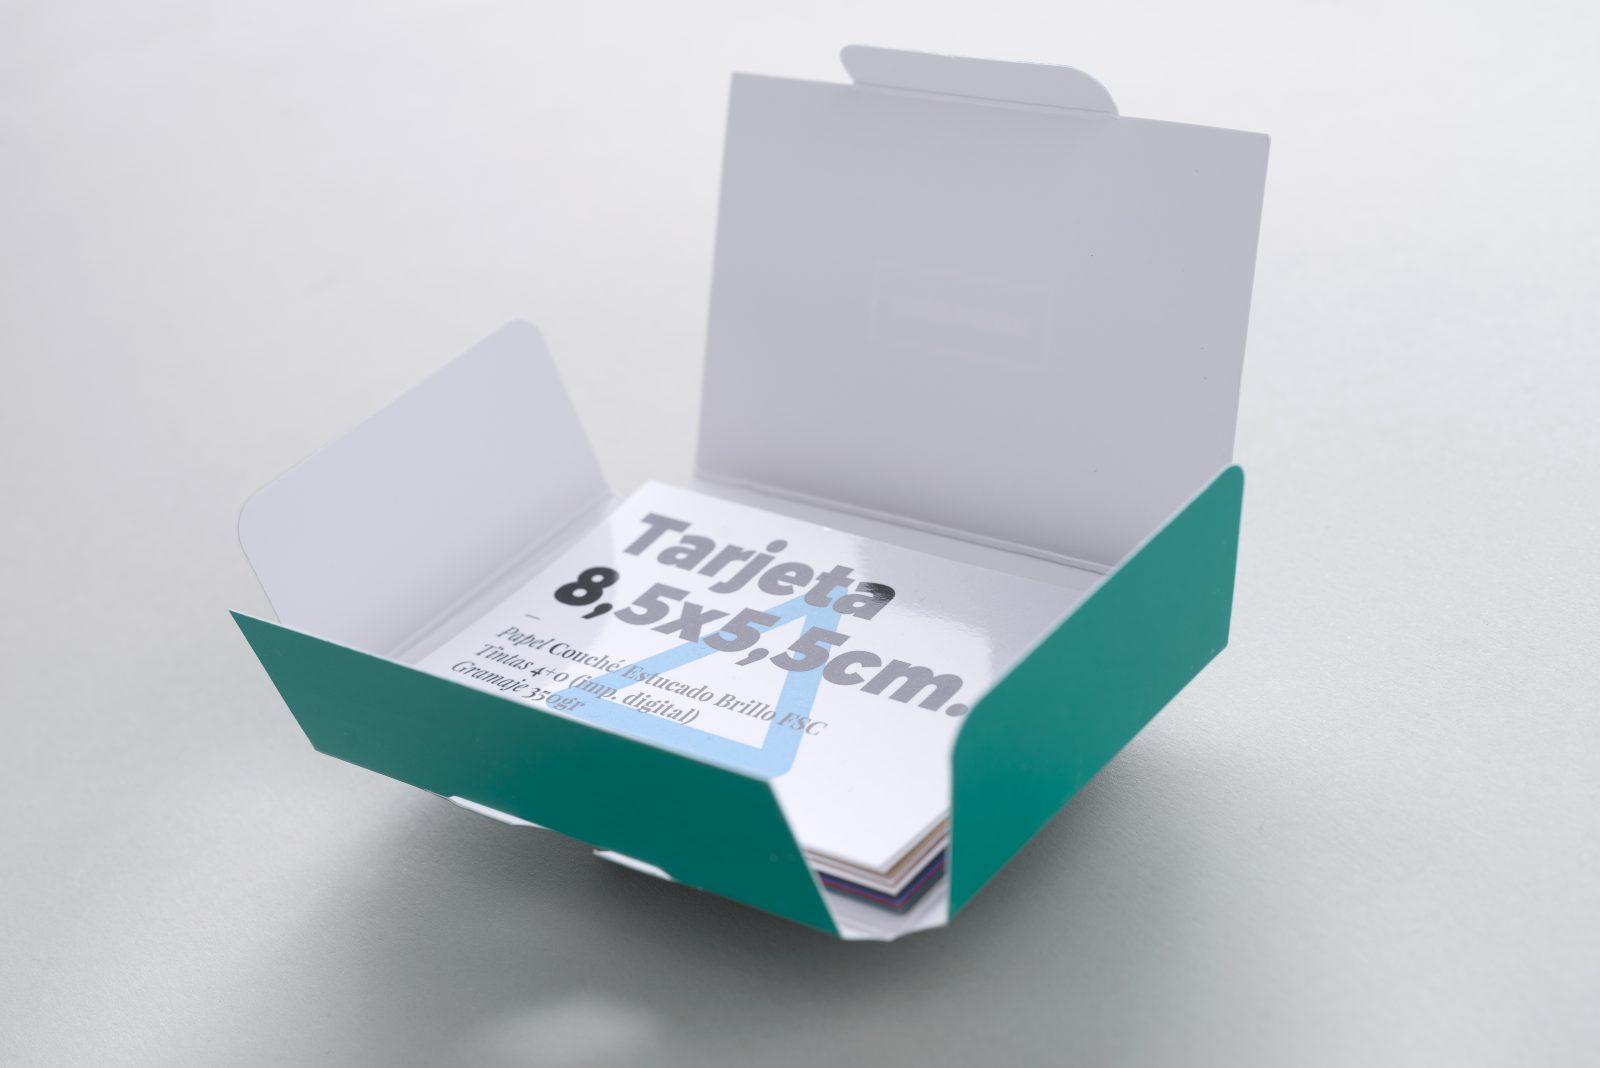 Increíble Essie Uñas Magnética Muestras De Esmalte Viñeta - Ideas de ...